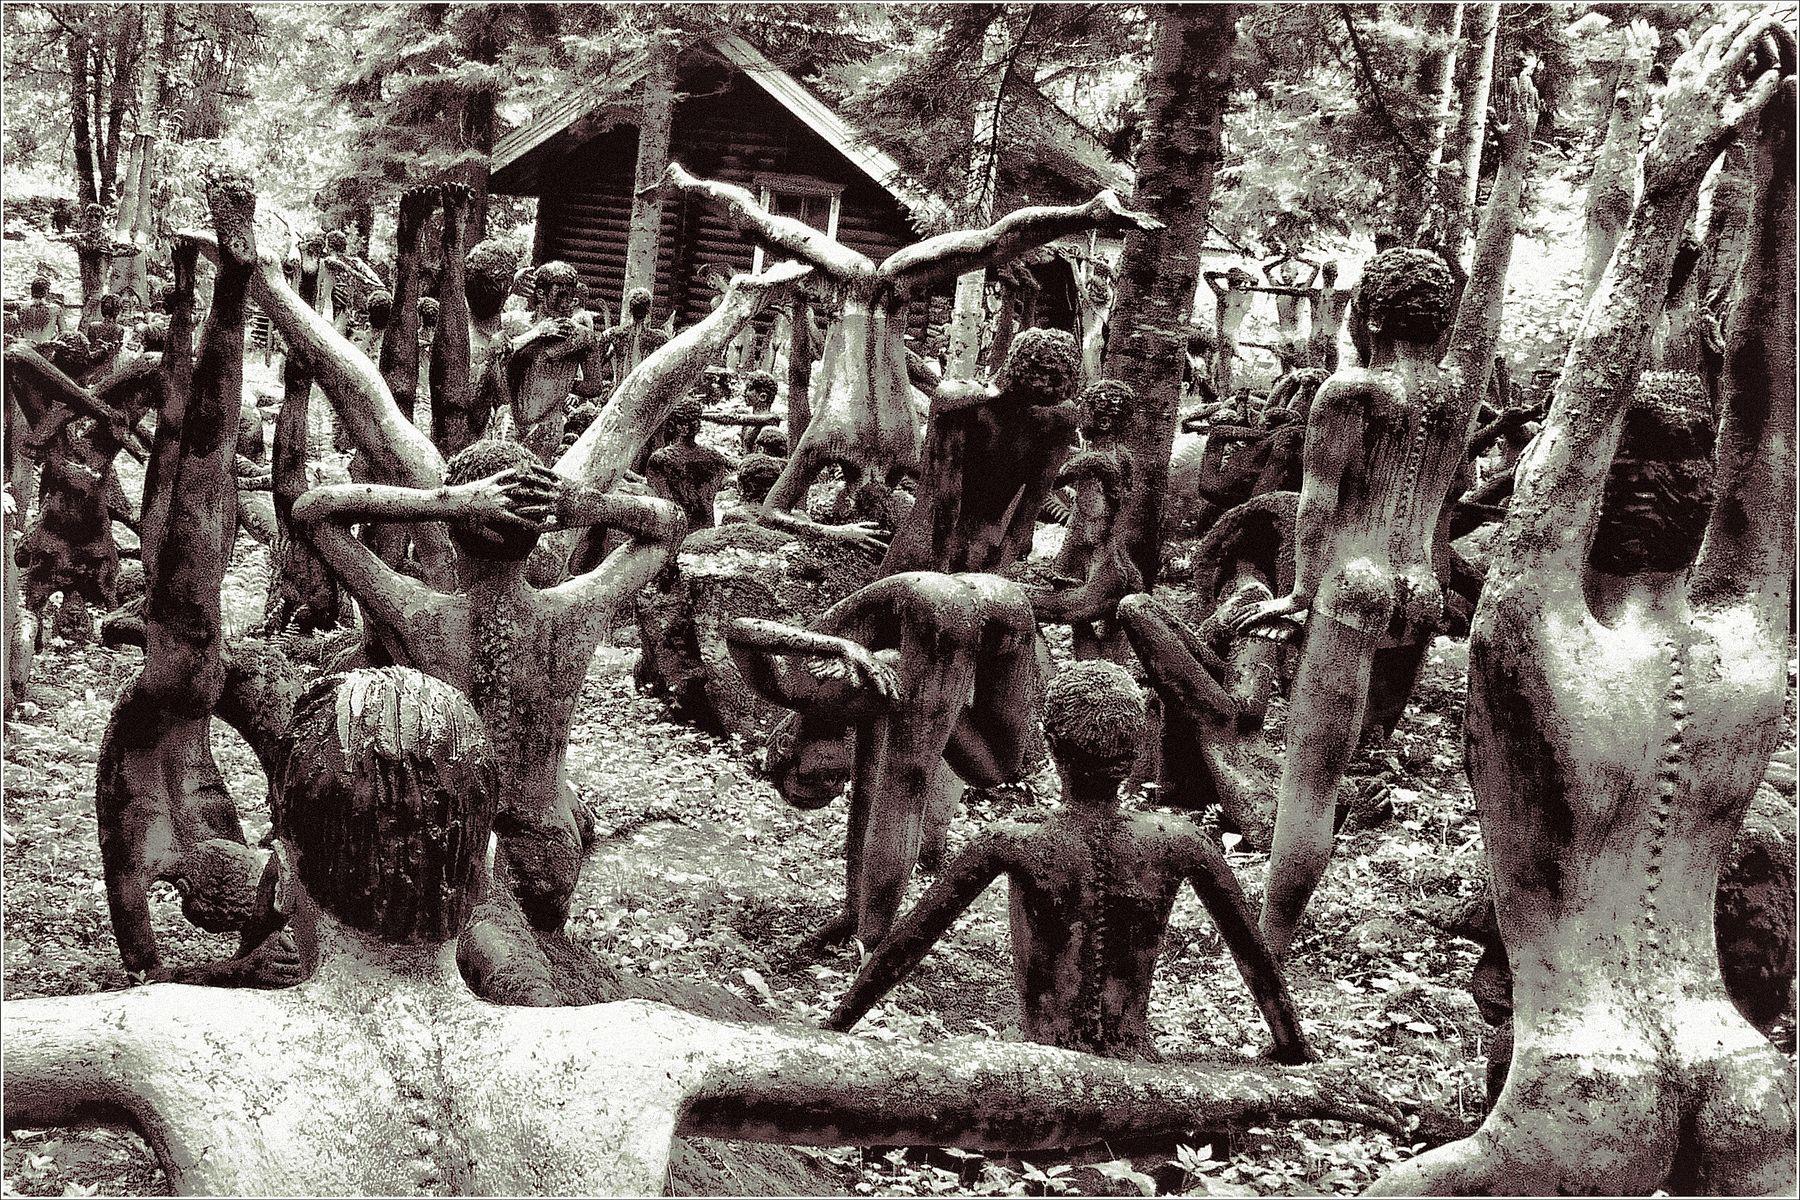 *Утренняя гимнастика в племени Зарумба* фотография путешествие Европа Финляндия Париккала парк безумия остальное Фото.Сайт Светлана Мамакина Lihgra Adventure юмор